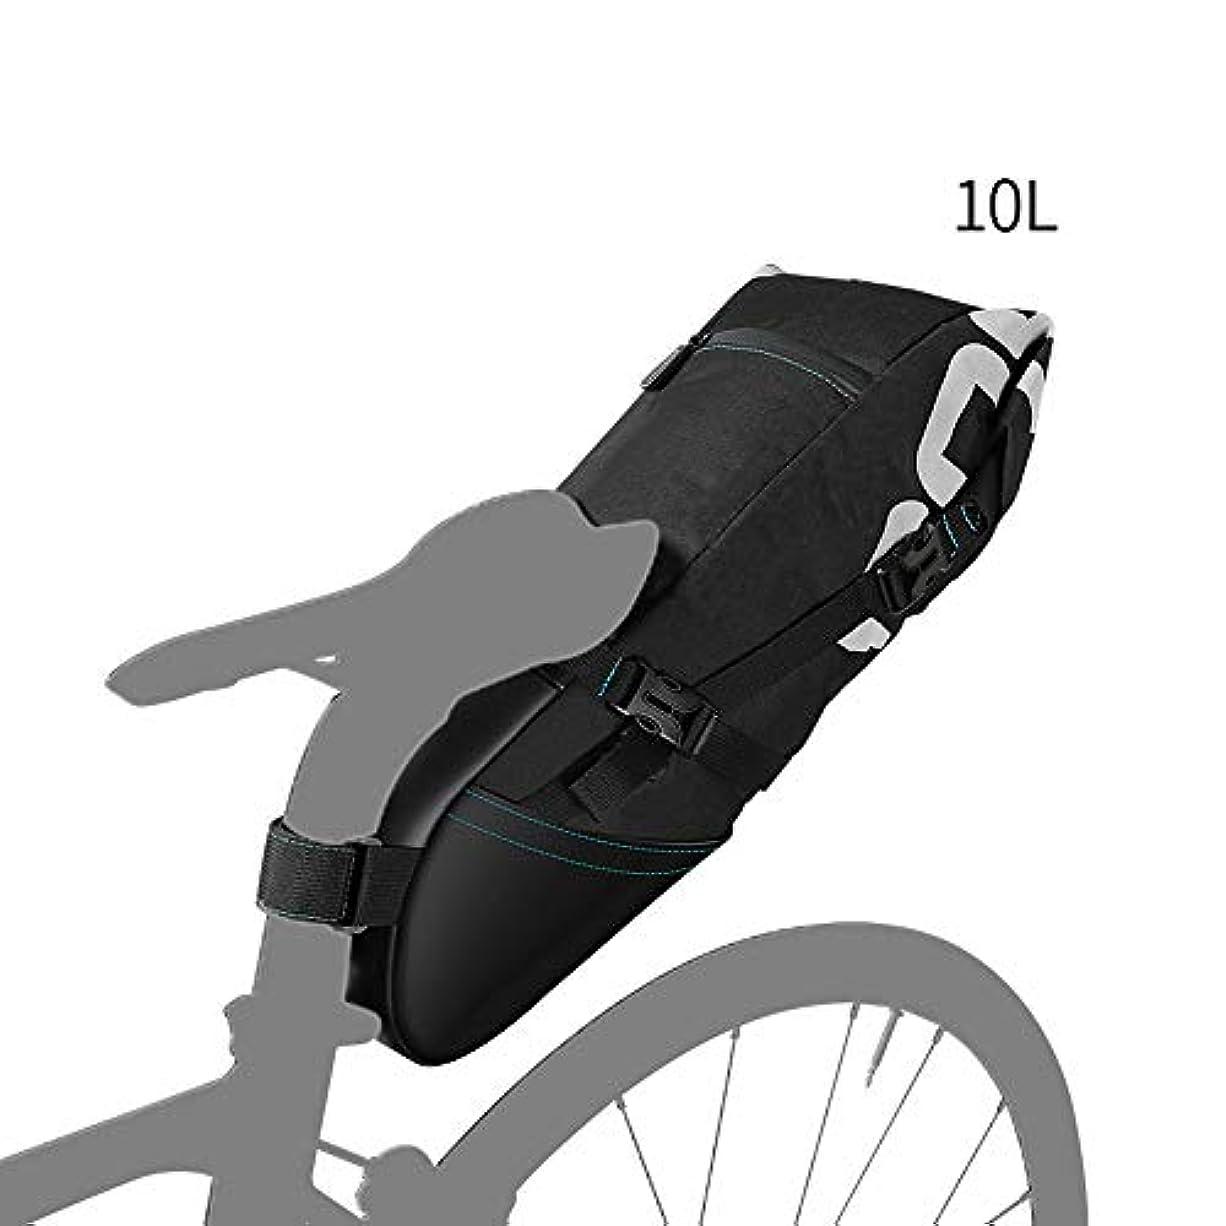 いつでもプラカードリラックス自転車バッグ自転車サドルテールシート収納バッグサイクリングリアパックパニエアクセサリー (Size : 10L)